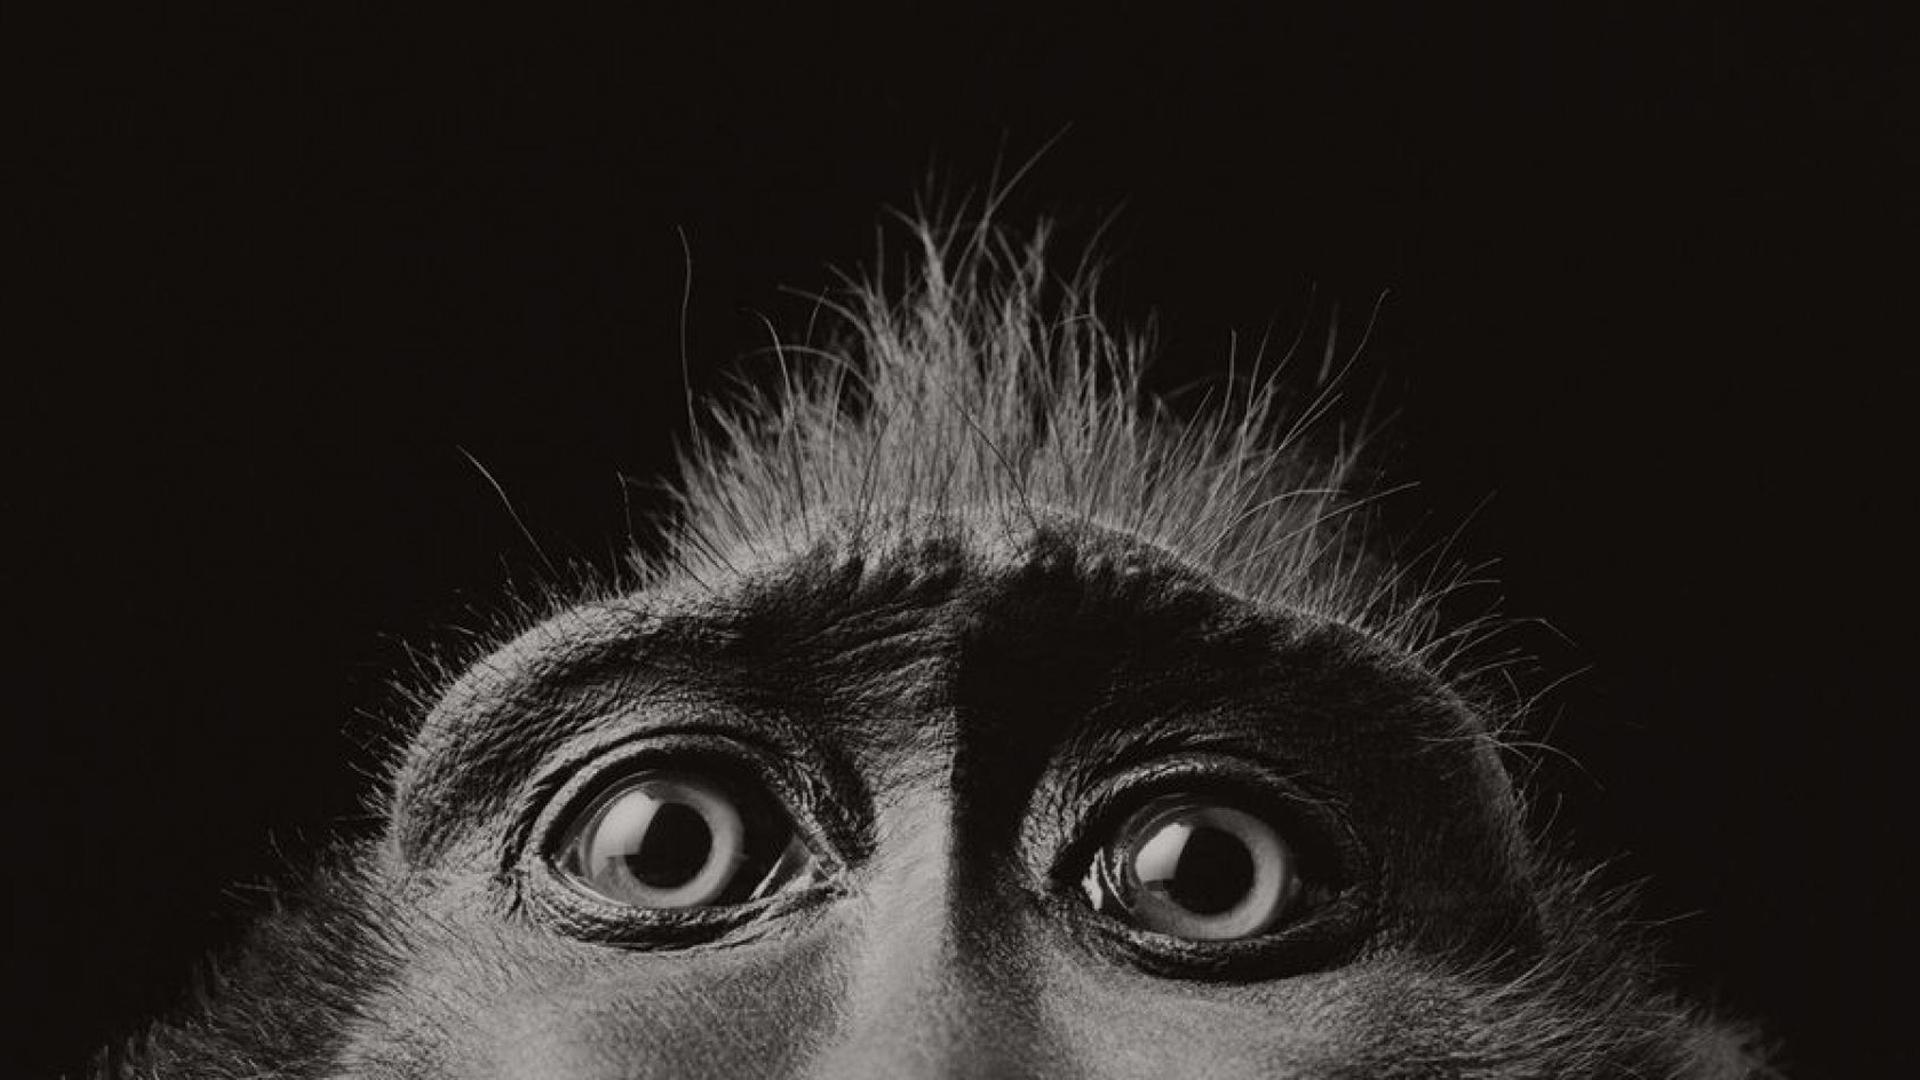 Смешные картинки животных черно белые, надписью столица